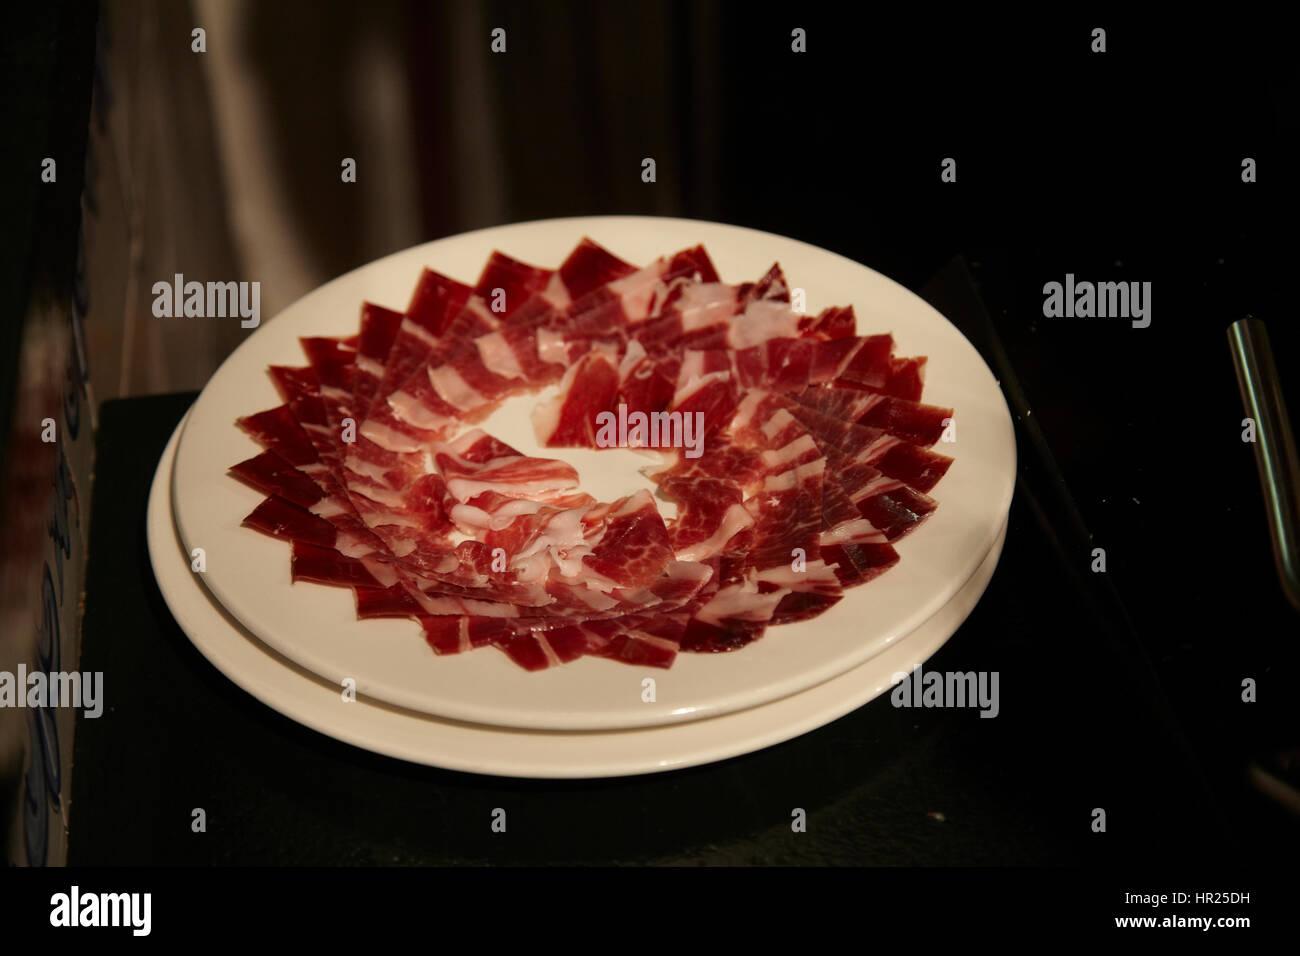 Pata negra. Spanish ham. Stock Photo